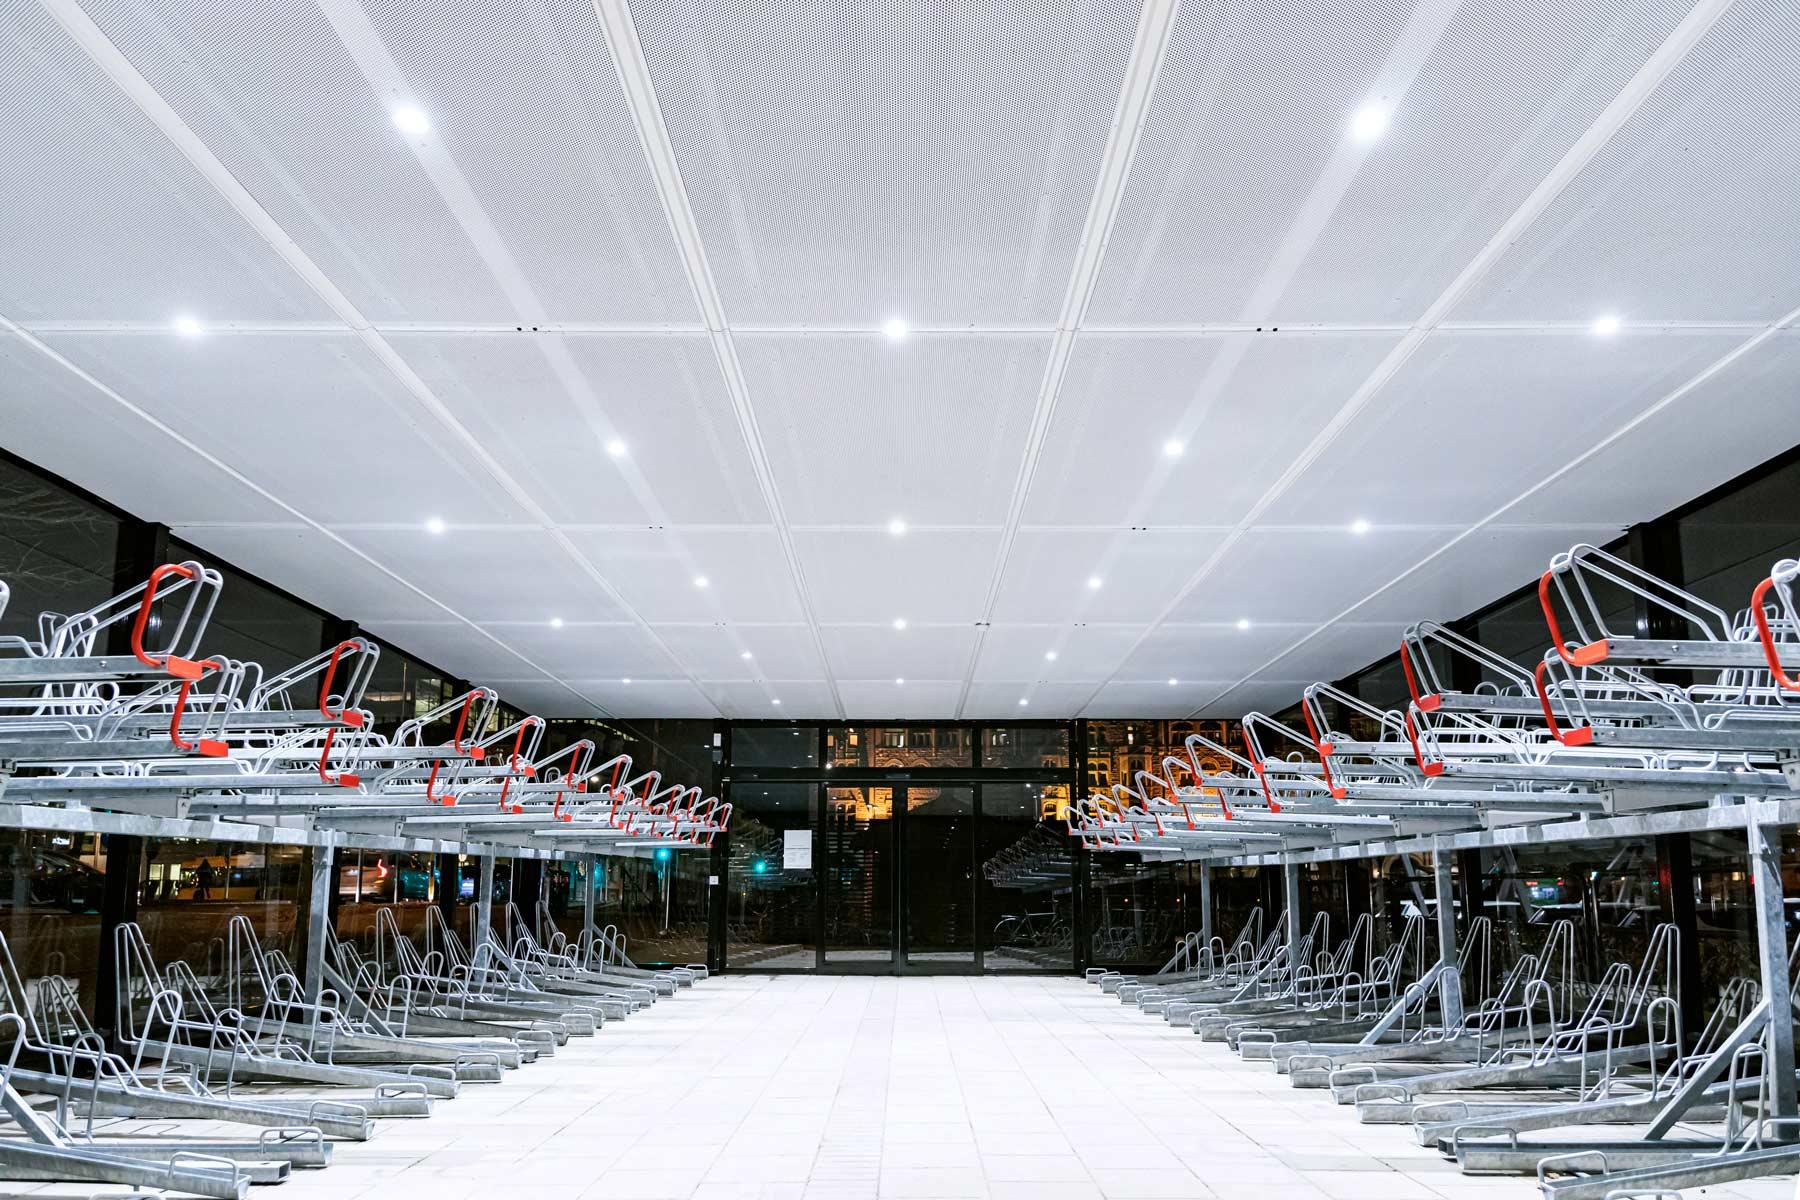 pyörätalli sisäkatolla luo korkeampaa muotoilua